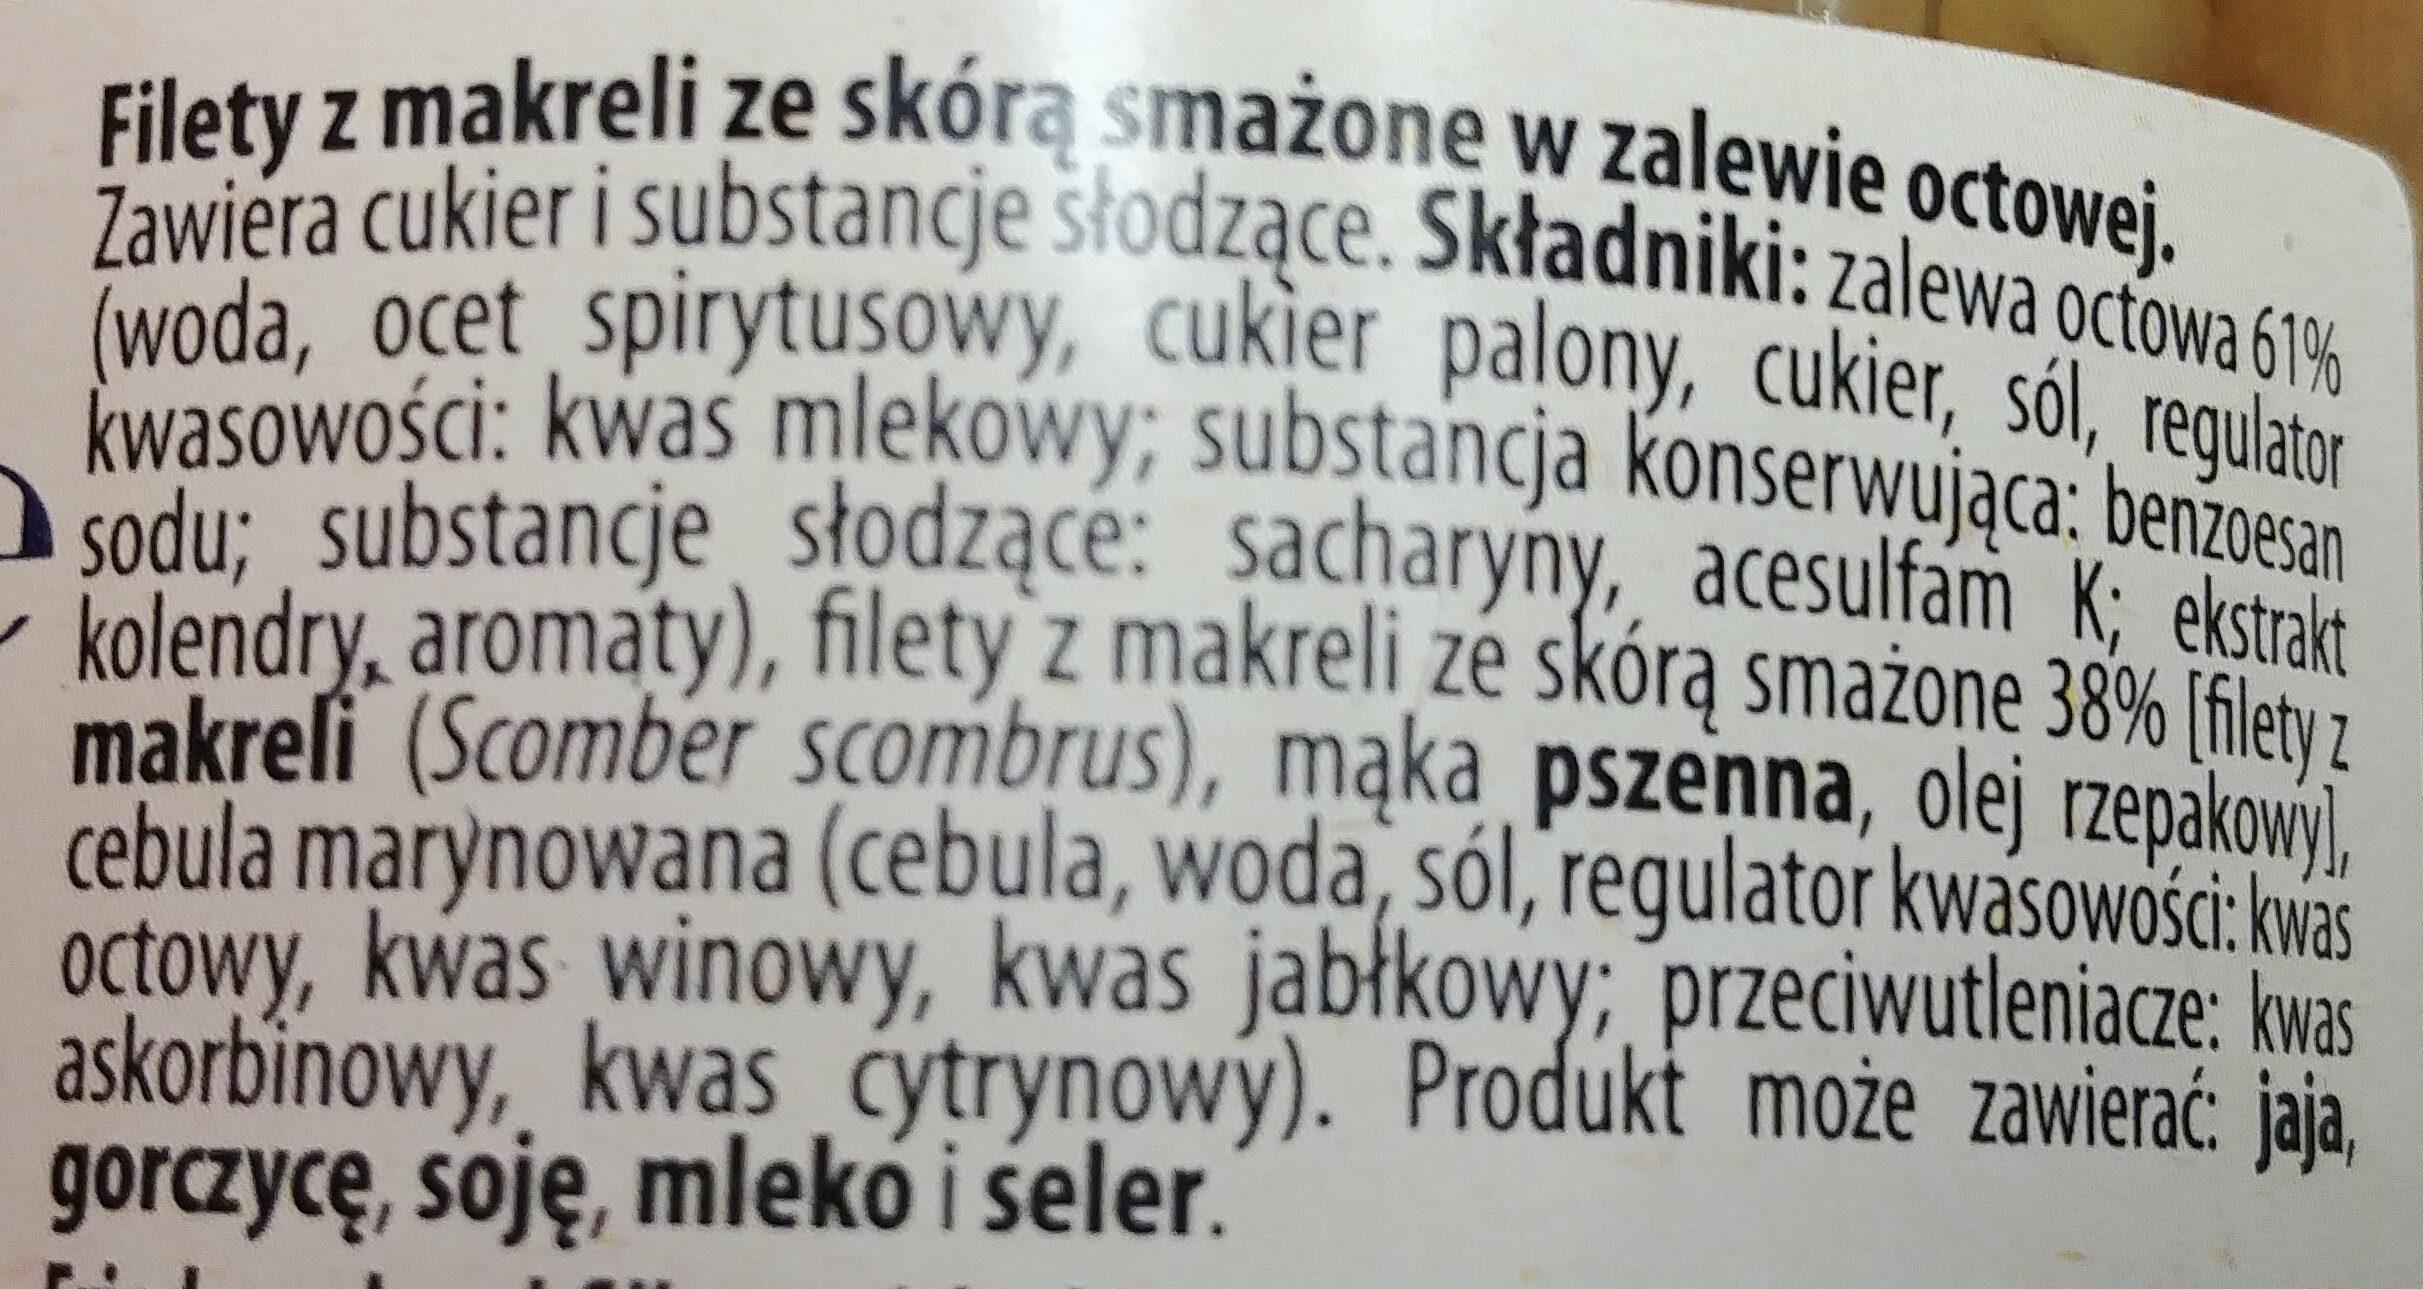 Filety z makreli smażone w zalewie octowej - Składniki - pl